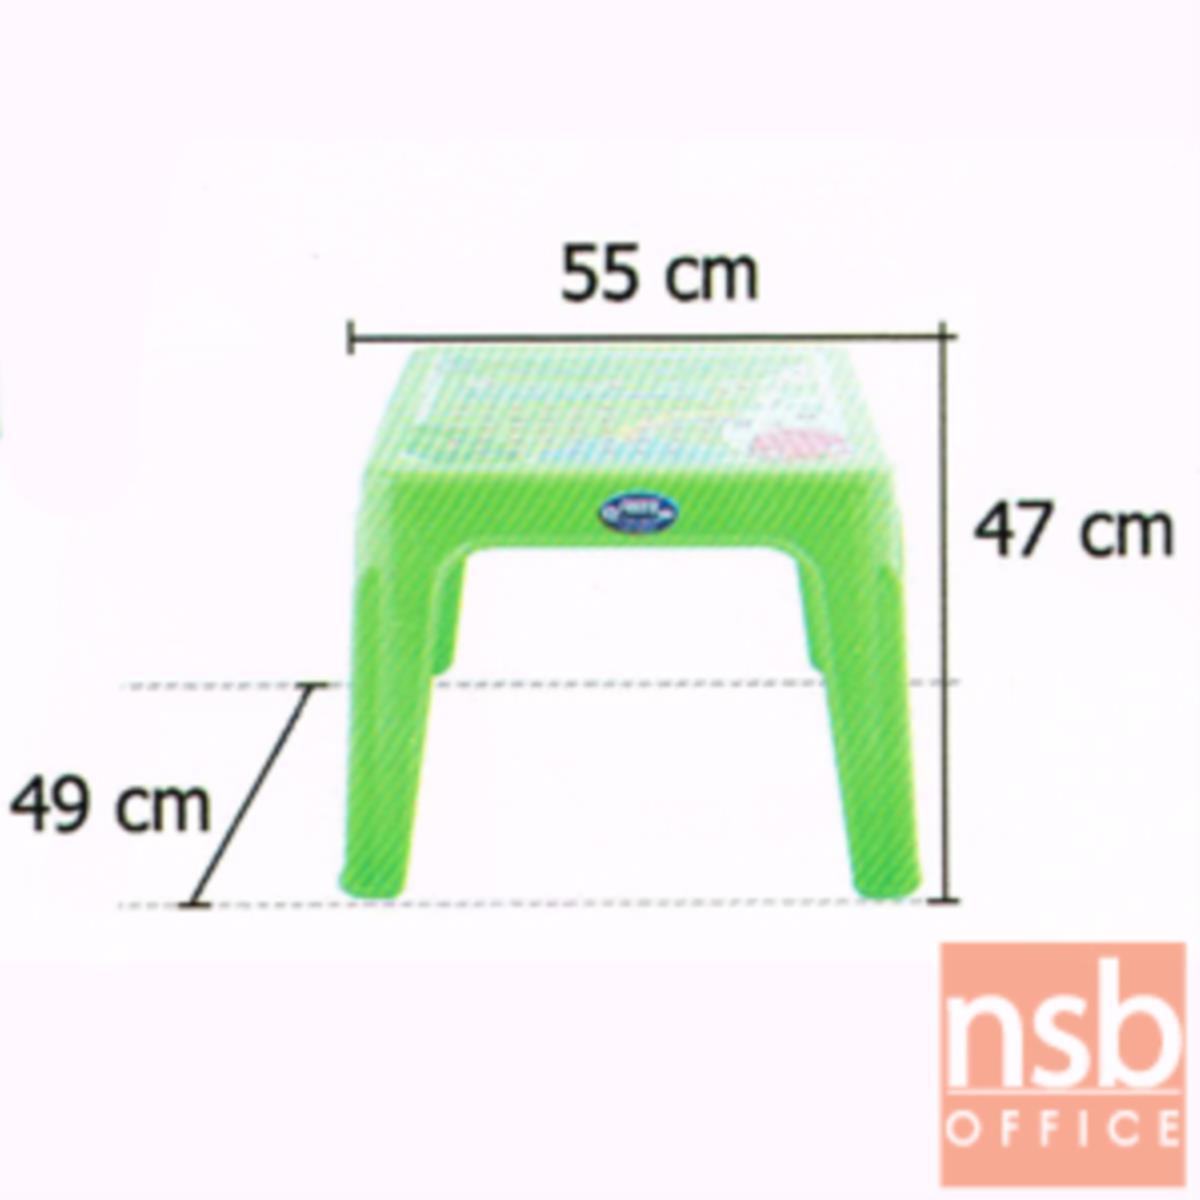 โต๊ะพลาสติก รุ่น FANCY_TABLE ขนาด 49W cm. พลาสติกเกรด A